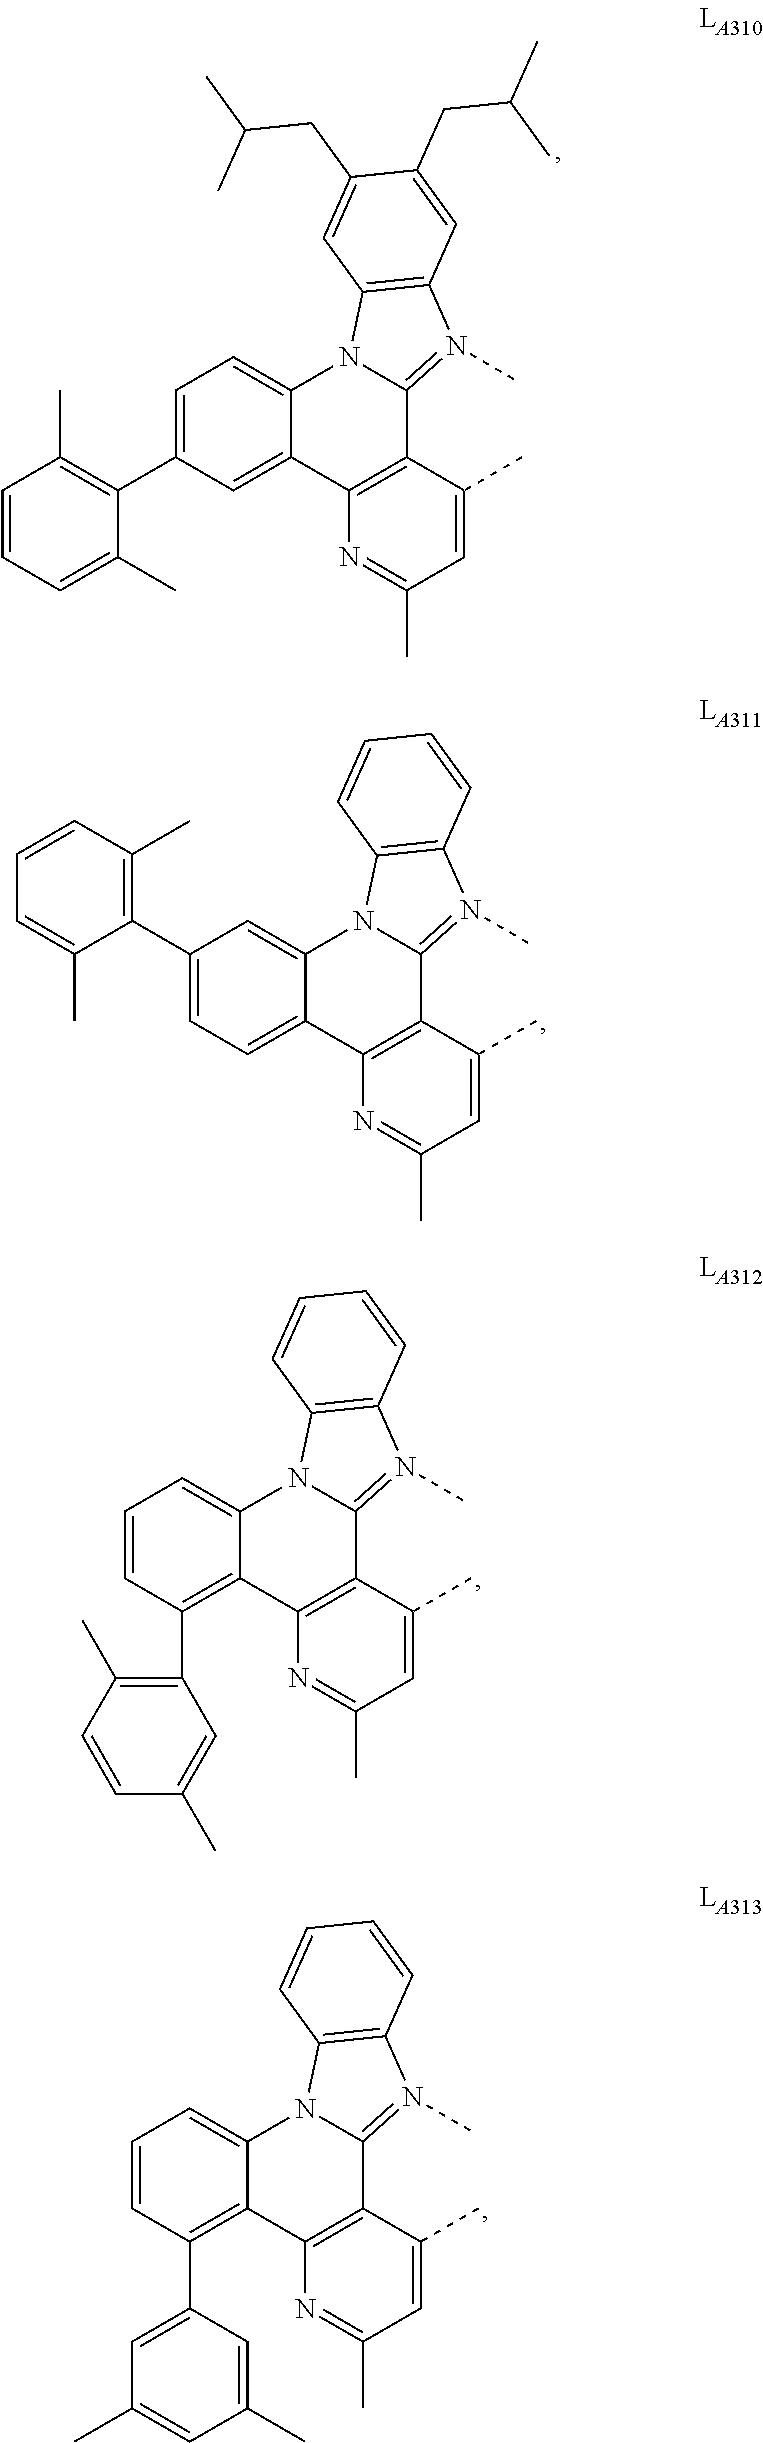 Figure US09905785-20180227-C00098